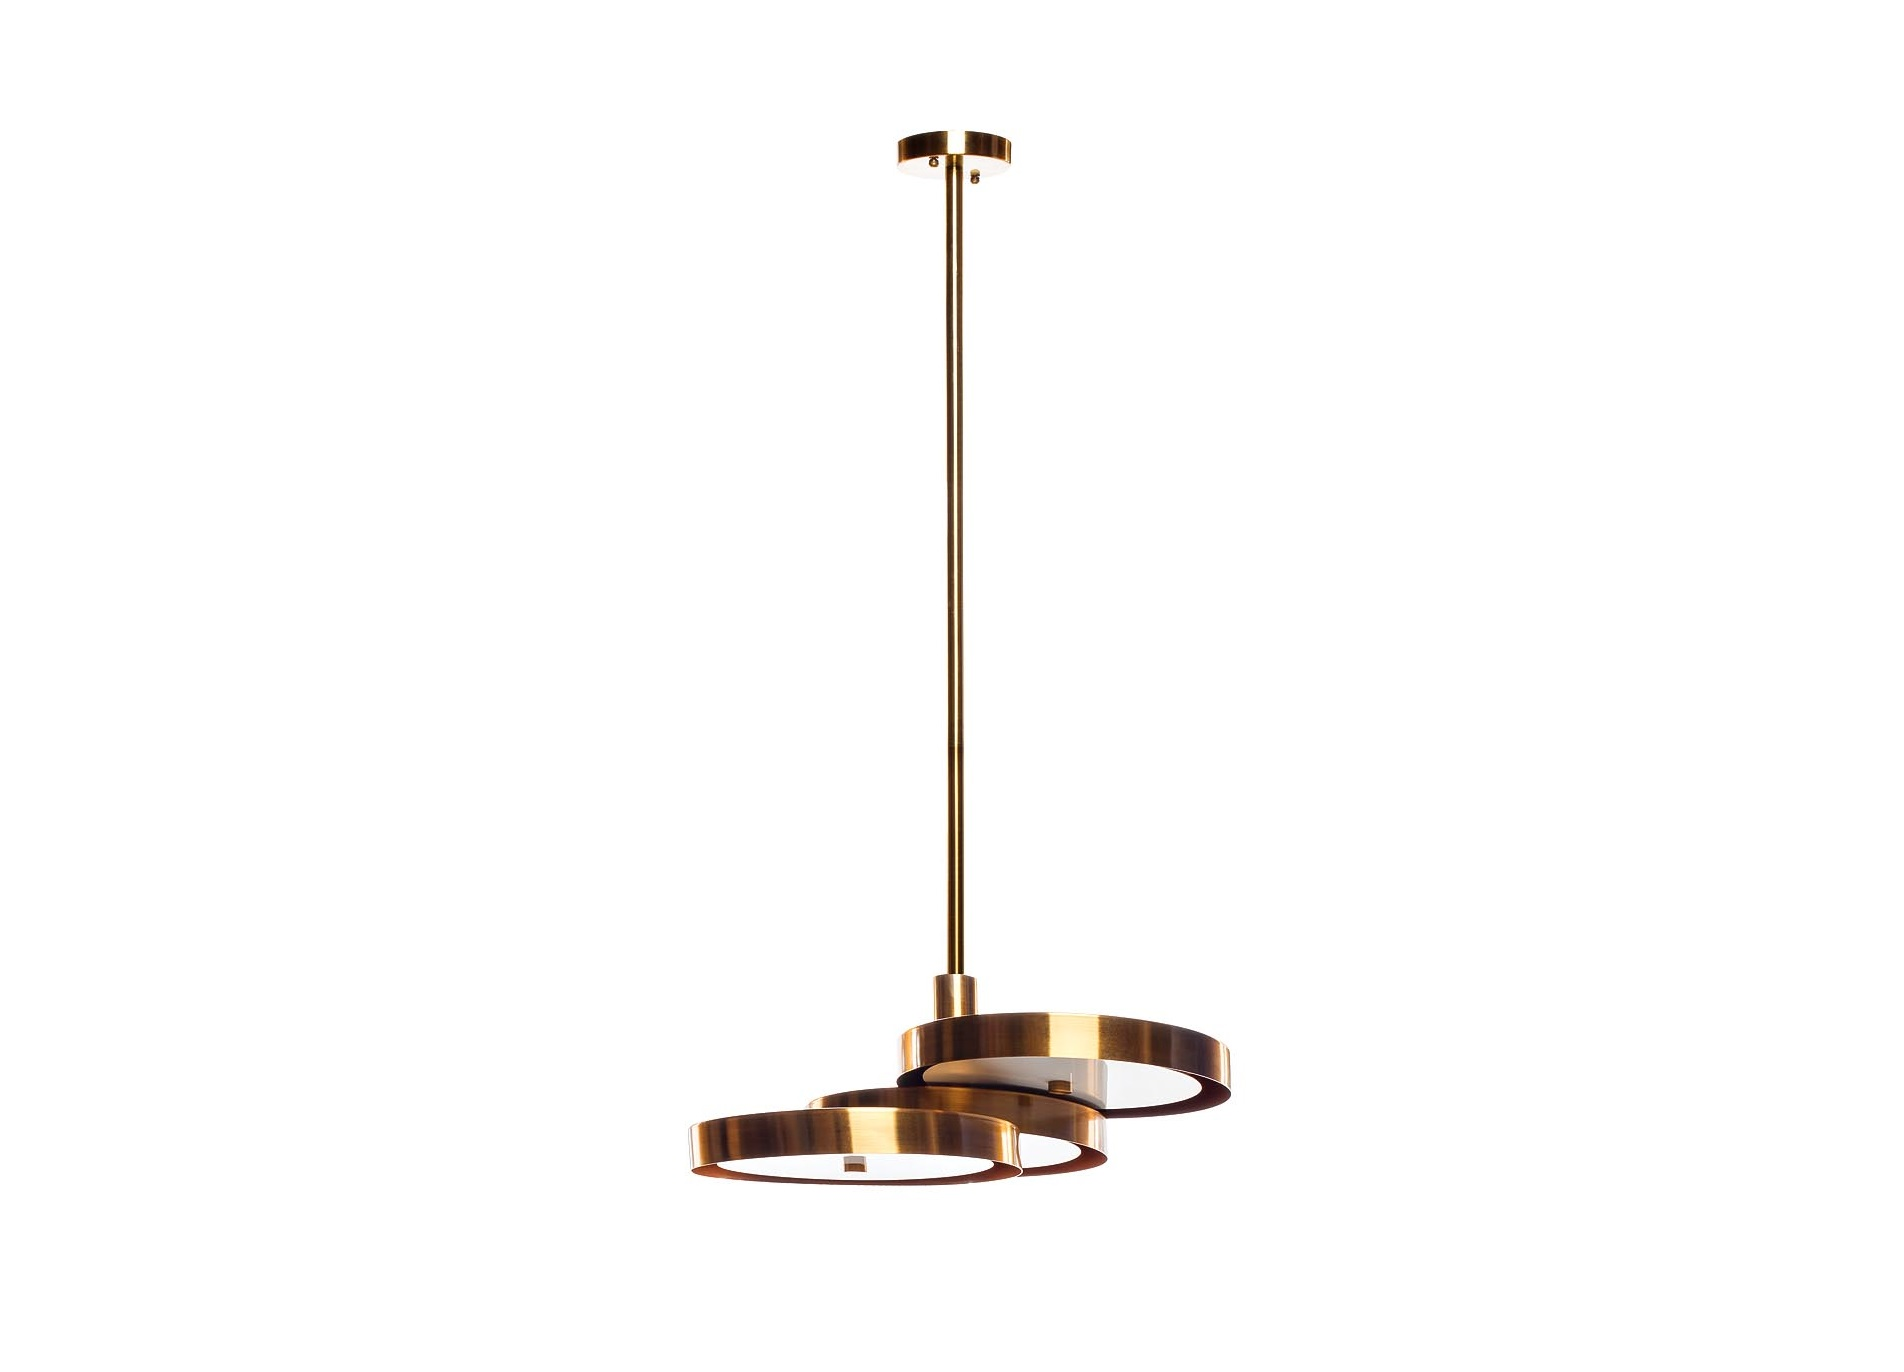 СветильникПодвесные светильники<br><br><br>Material: Металл<br>Ширина см: 60<br>Высота см: 150<br>Глубина см: 60